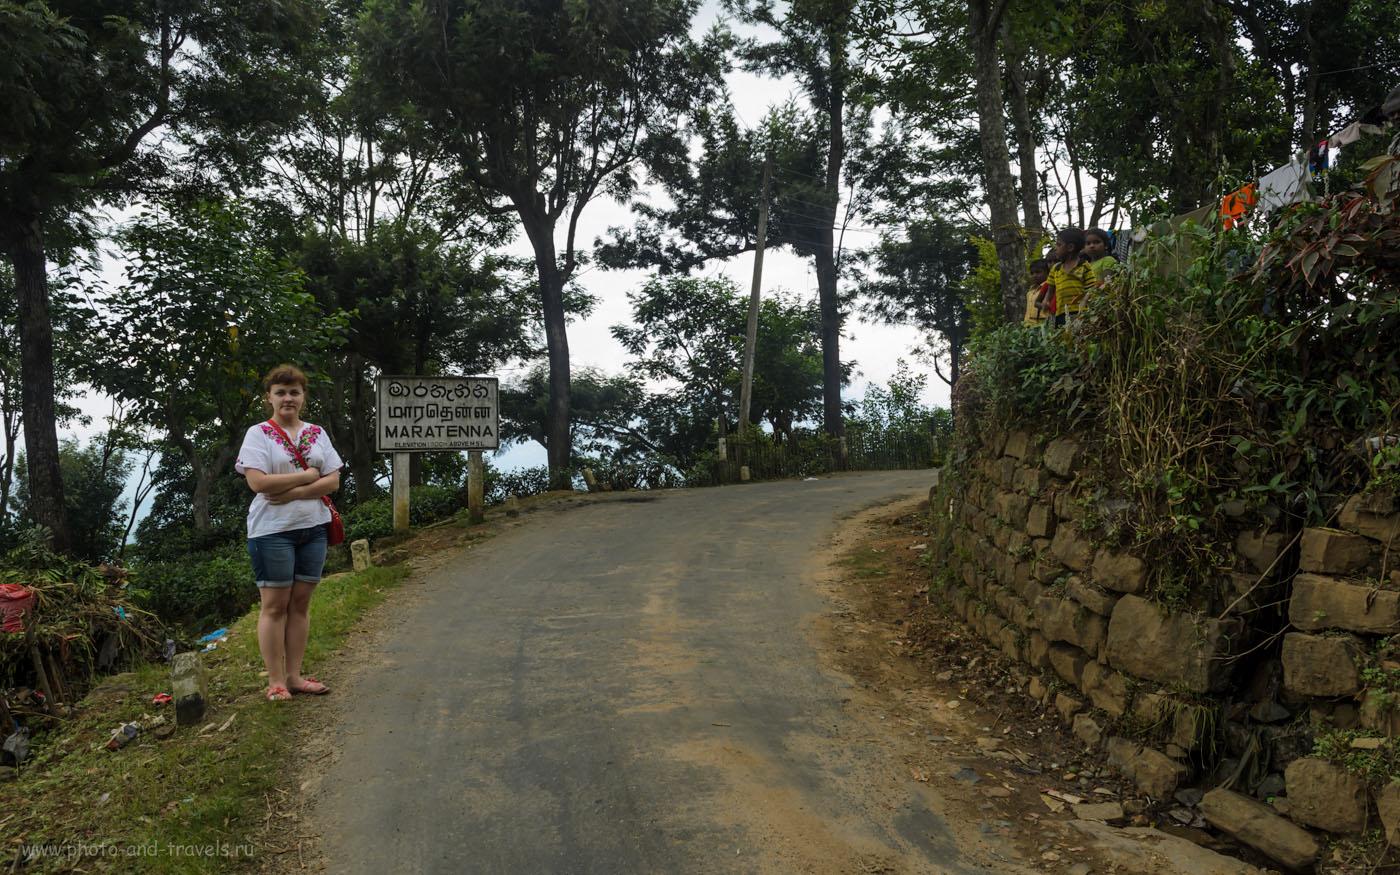 Фотография 8. В деревушке Маратенна (Maratenna) на Шри-Ланке. Отзывы о самостоятельной поездке на Пик Адама.